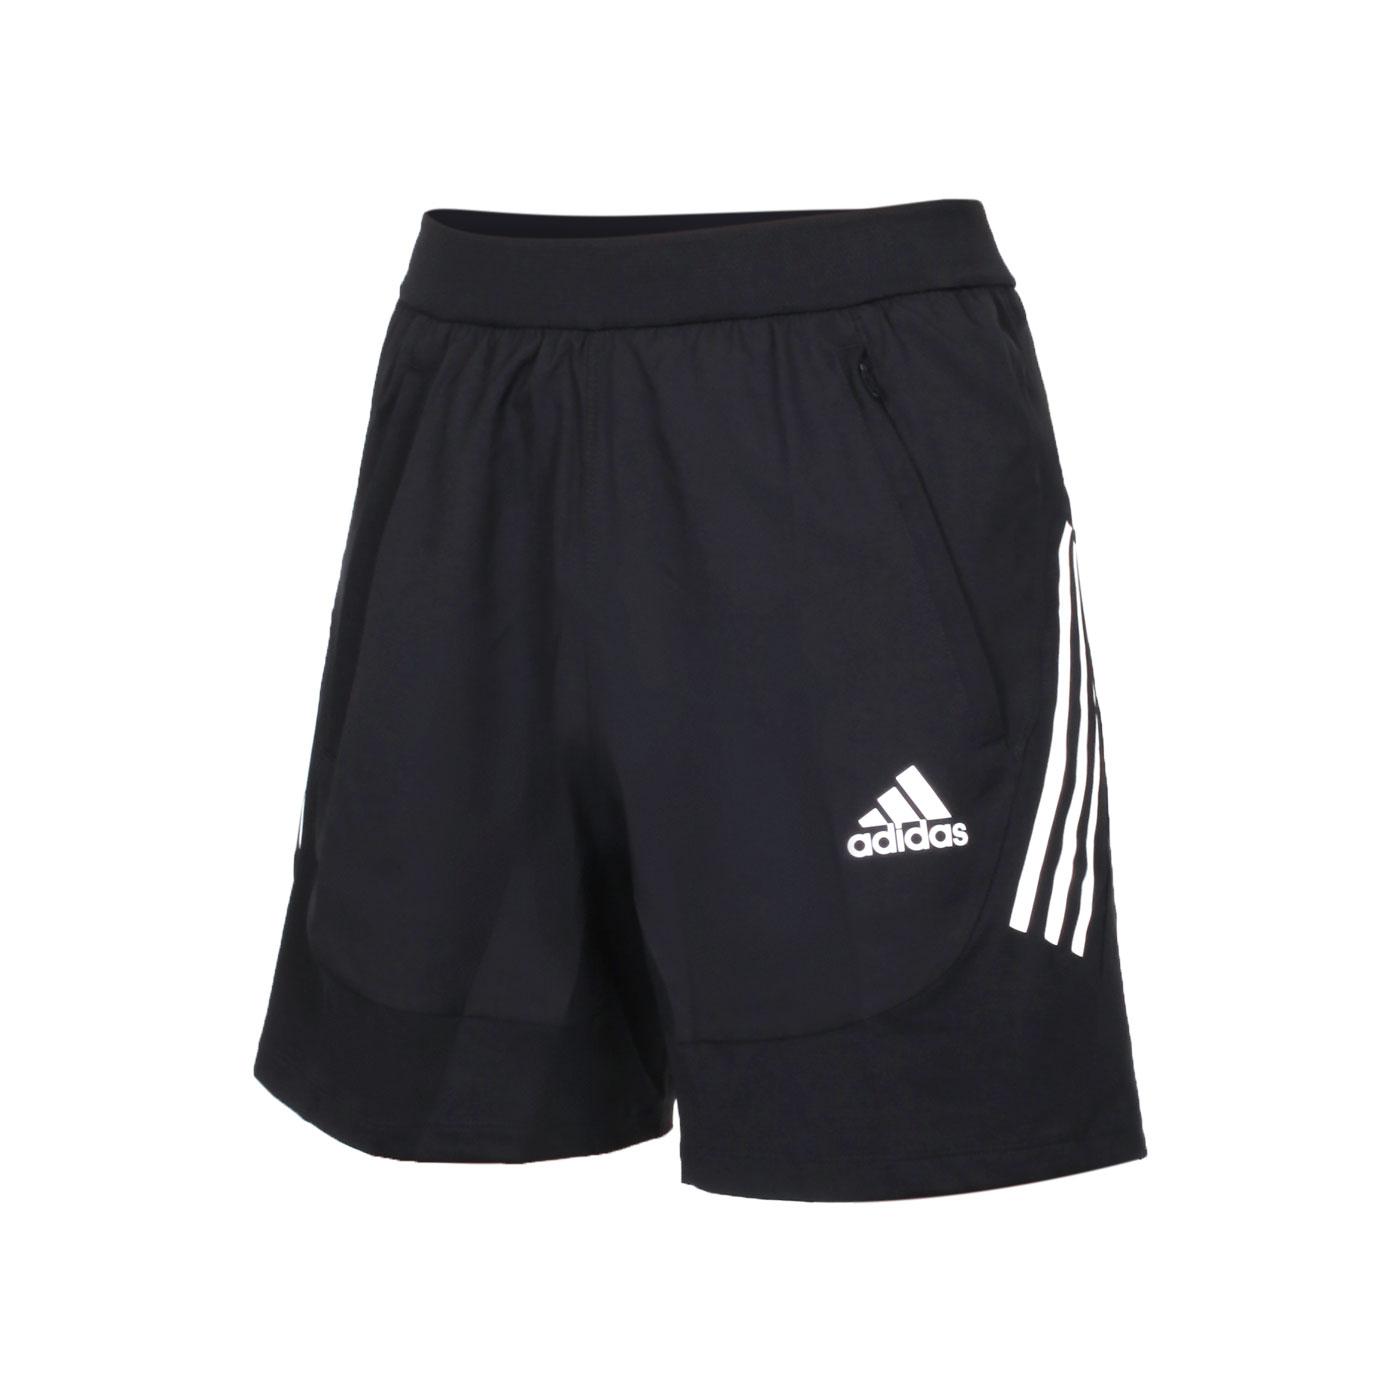 ADIDAS 男款運動短褲 GM0332 - 黑白